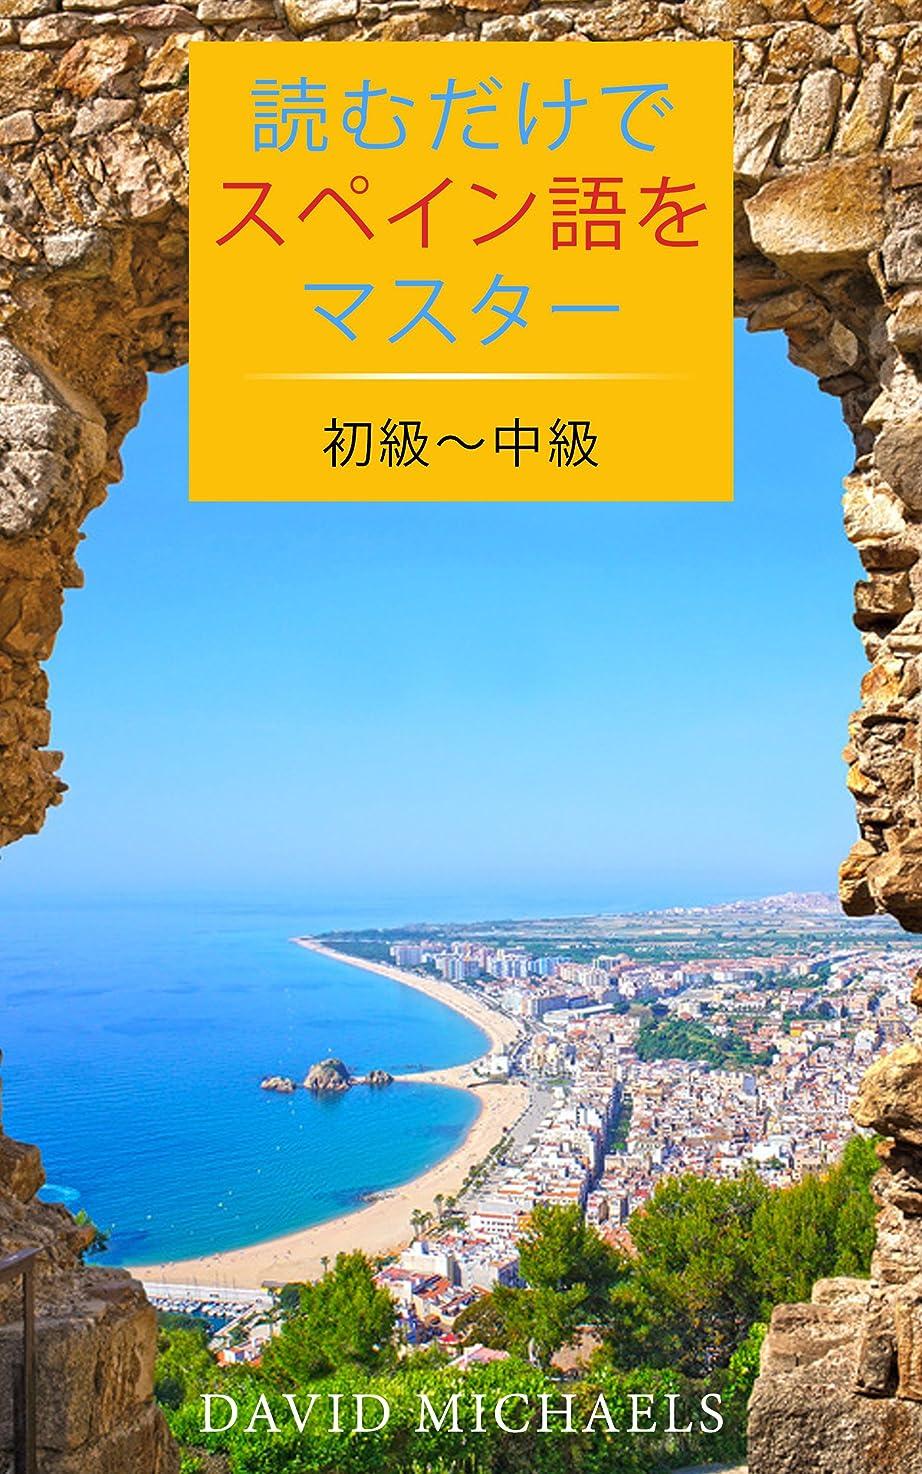 旅行破滅的な価格読むだけでスペイン語をマスター: 中級~上級. 290を超える単語とフレーズでボキャブラリーUP (Spanish Edition)